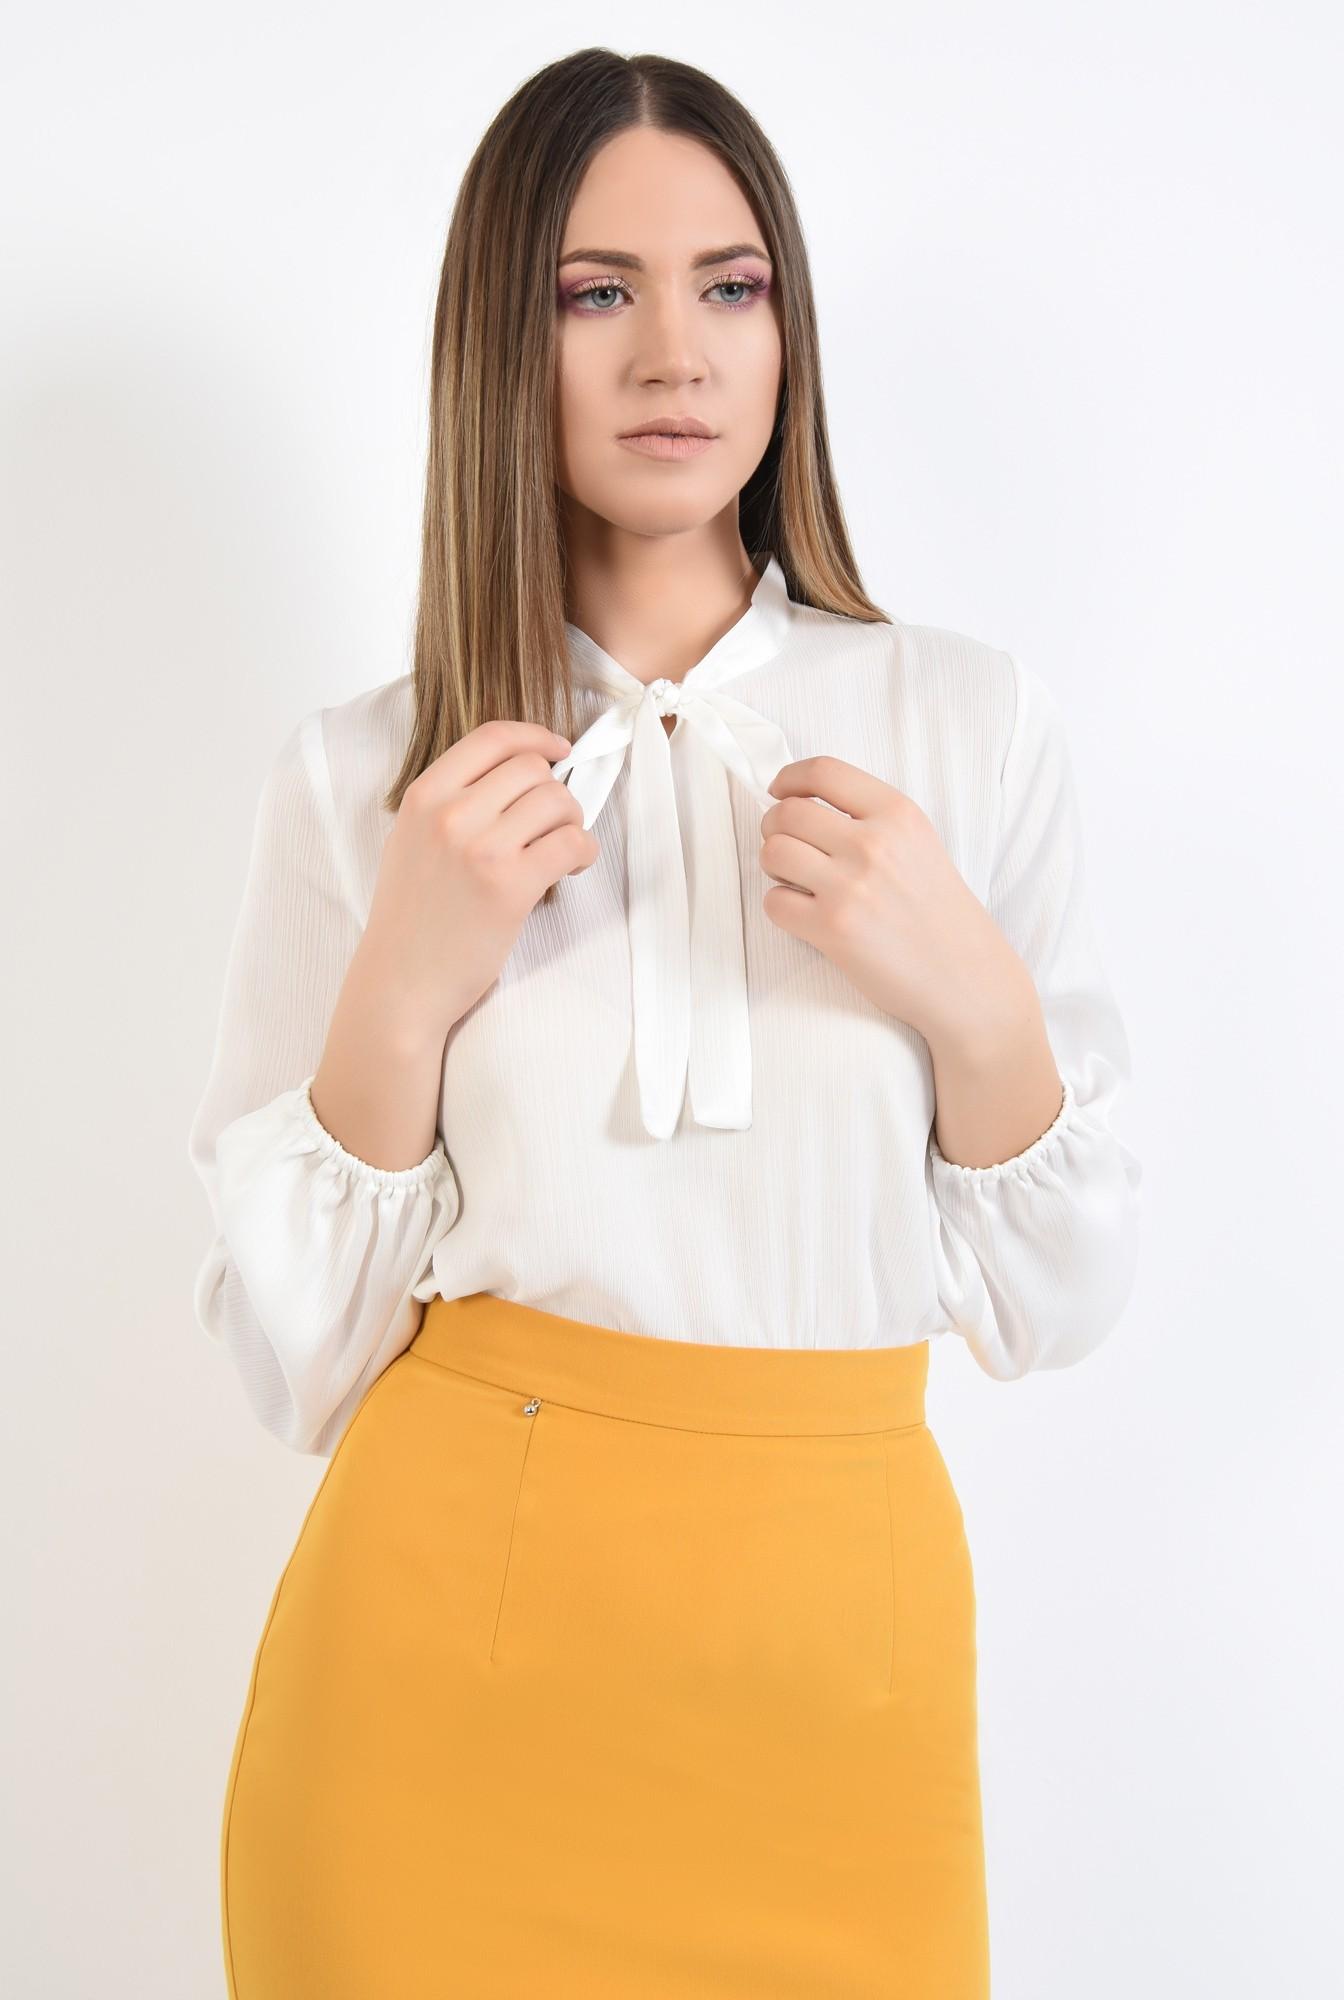 0 - bluza office, cu funda, guler esarfa subtire, bluze de zi